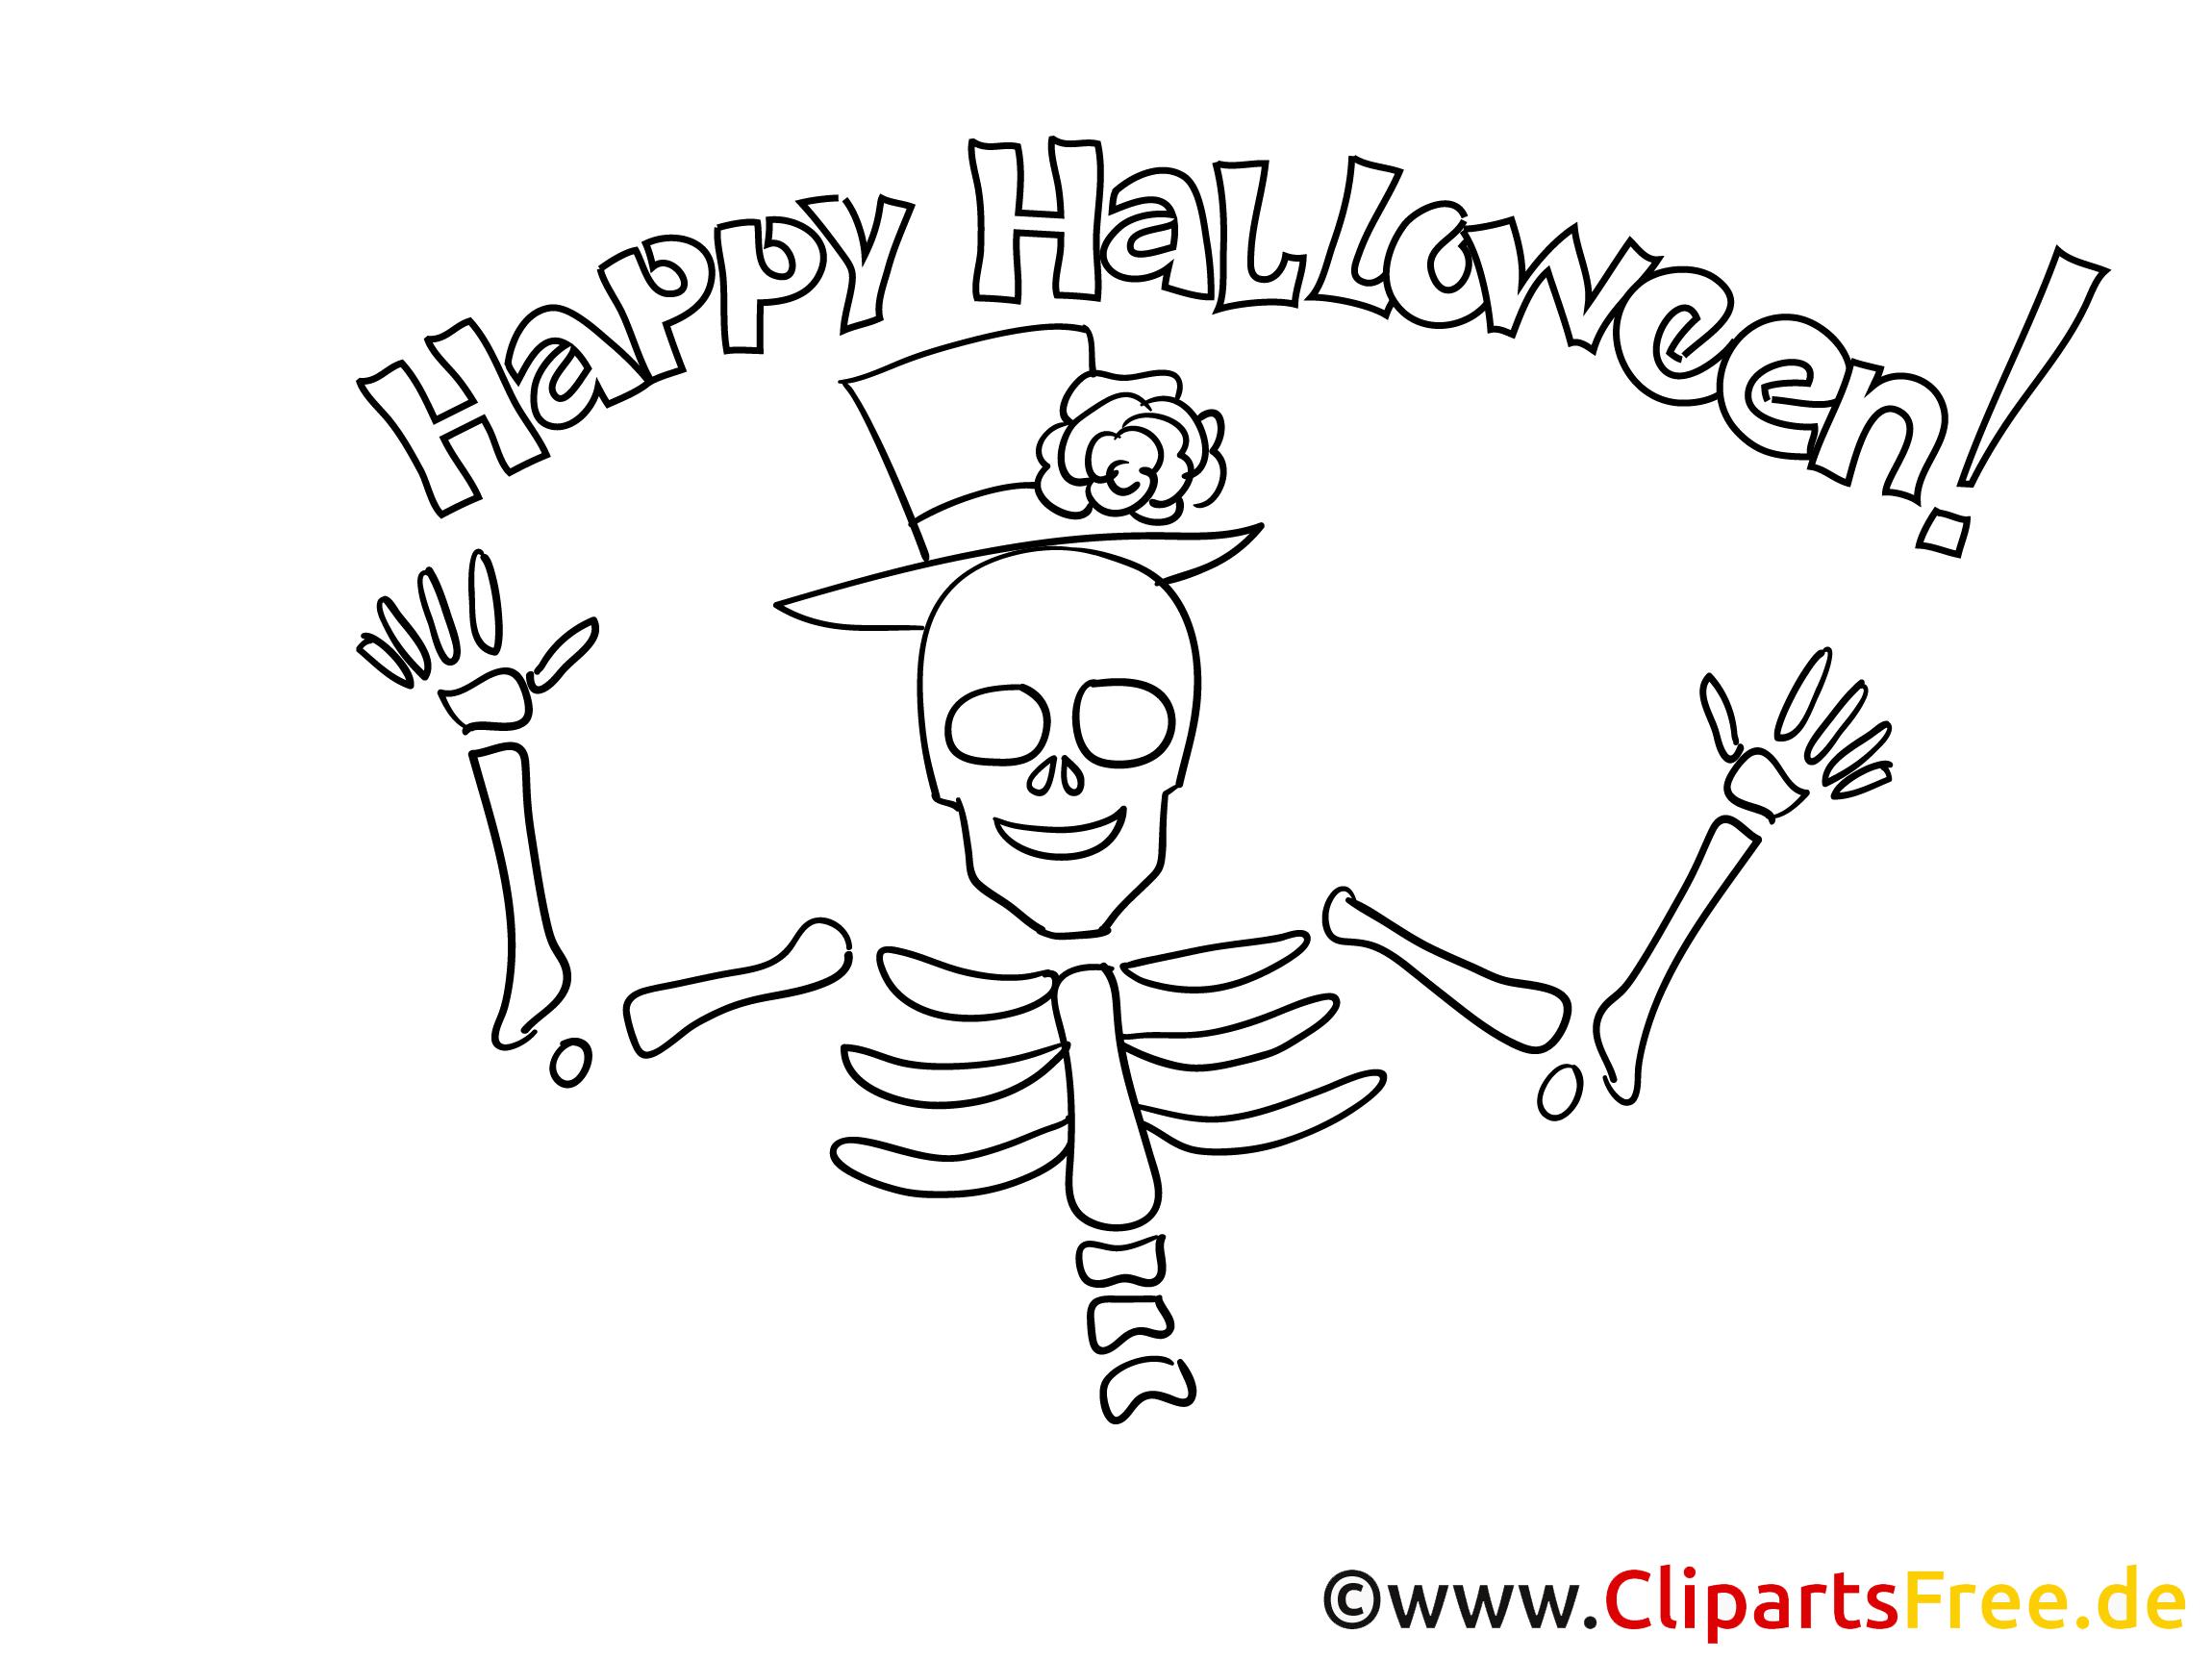 Skelett Malvorlage zu Halloween